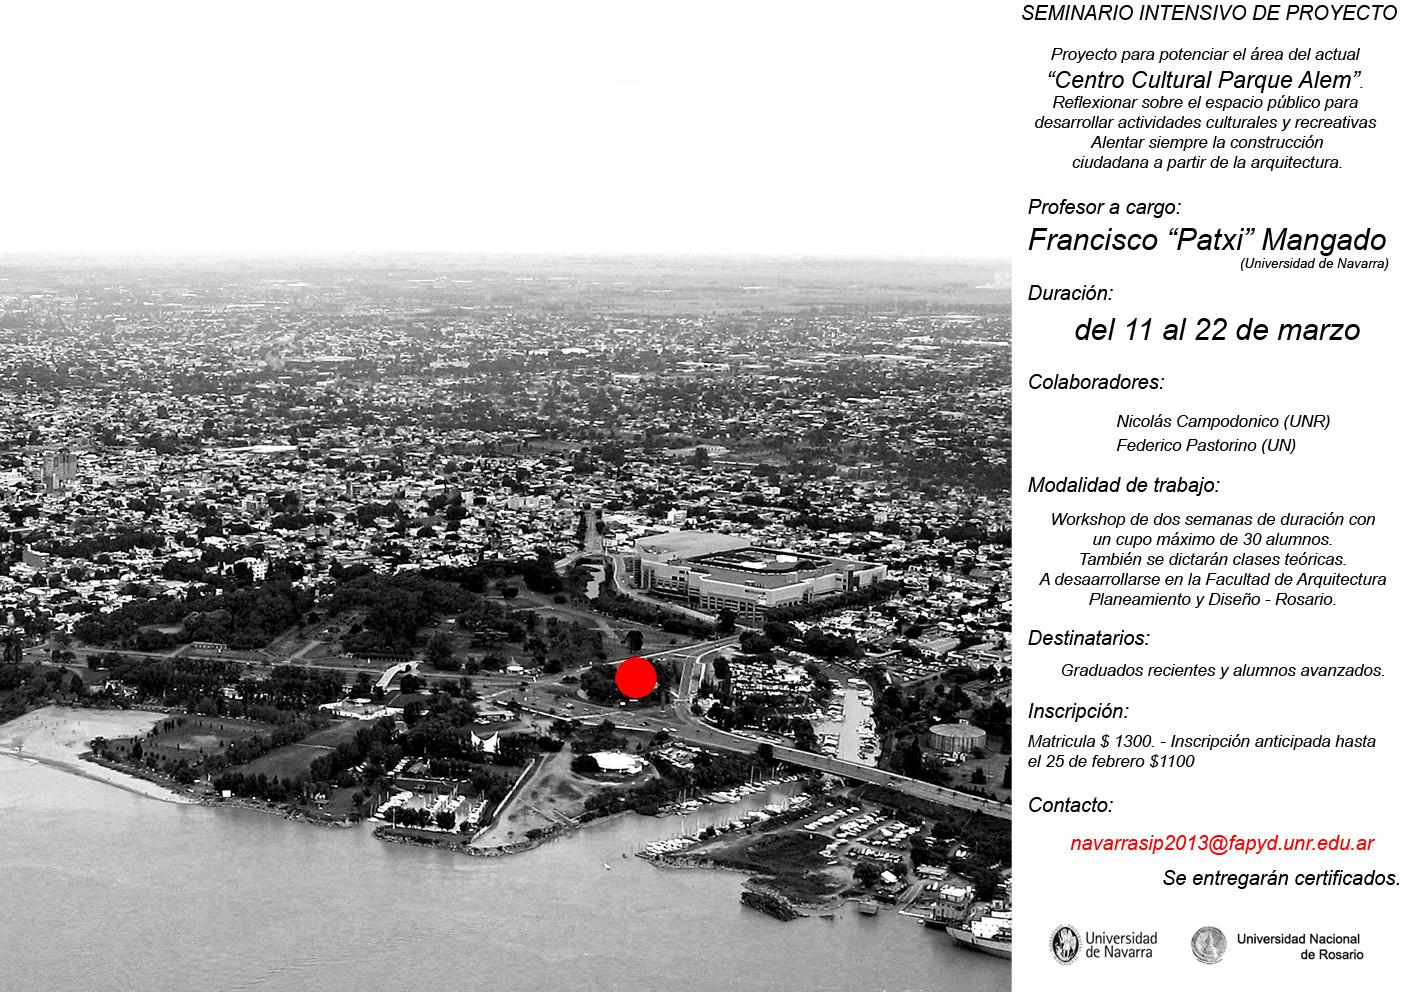 """Inscripciones para Seminario Intensivo de Proyecto: """"Centro Cultural Parque Alem"""" / Rosario-Argetina"""